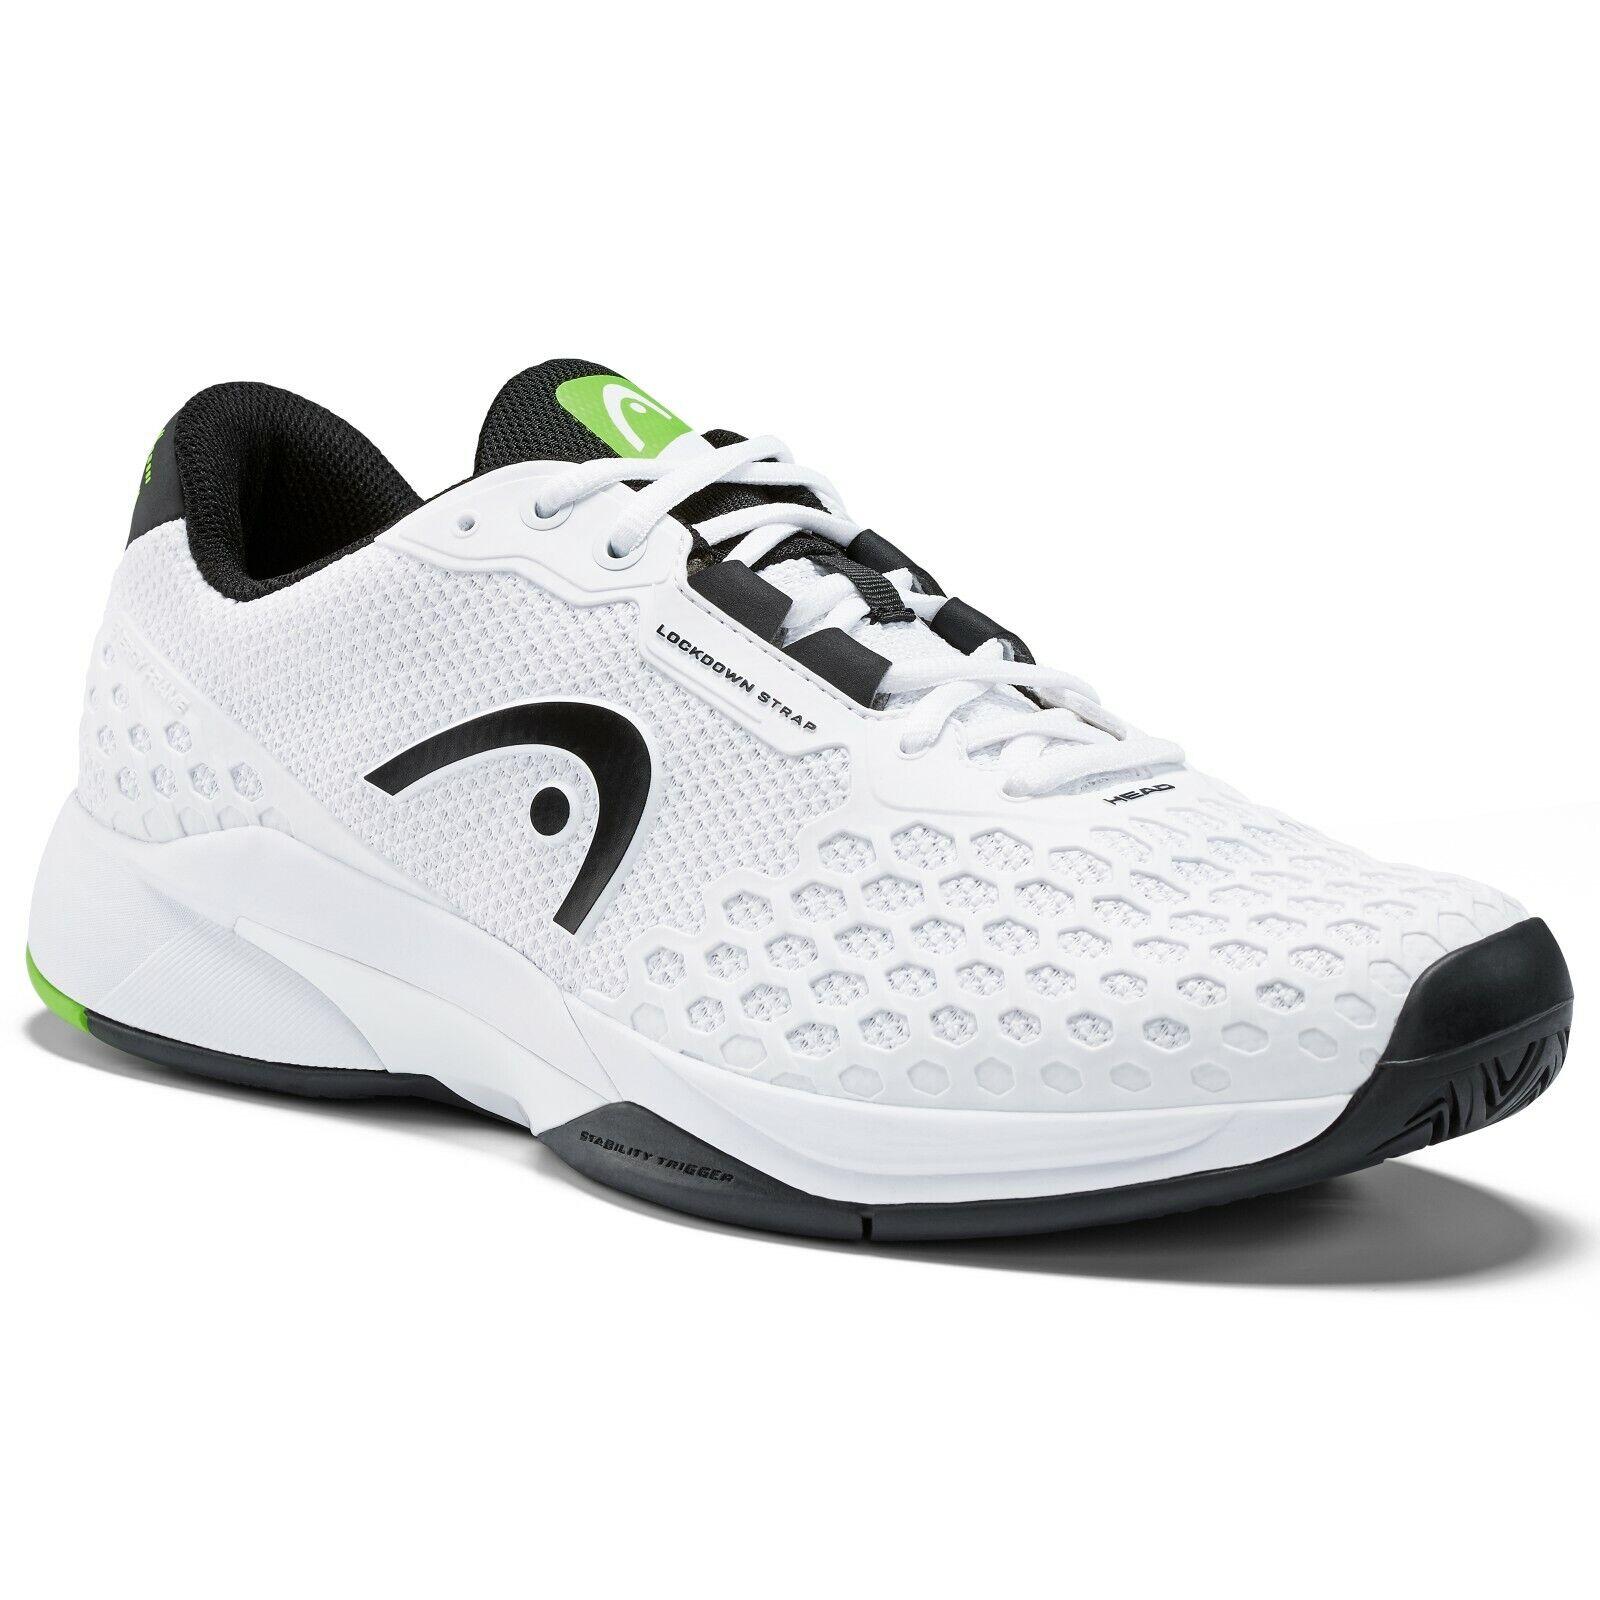 Cabeza revuelta pro 3.0 para Hombre Zapatilla De Tenis-blancoo Negro-Distribuidor Autorizado